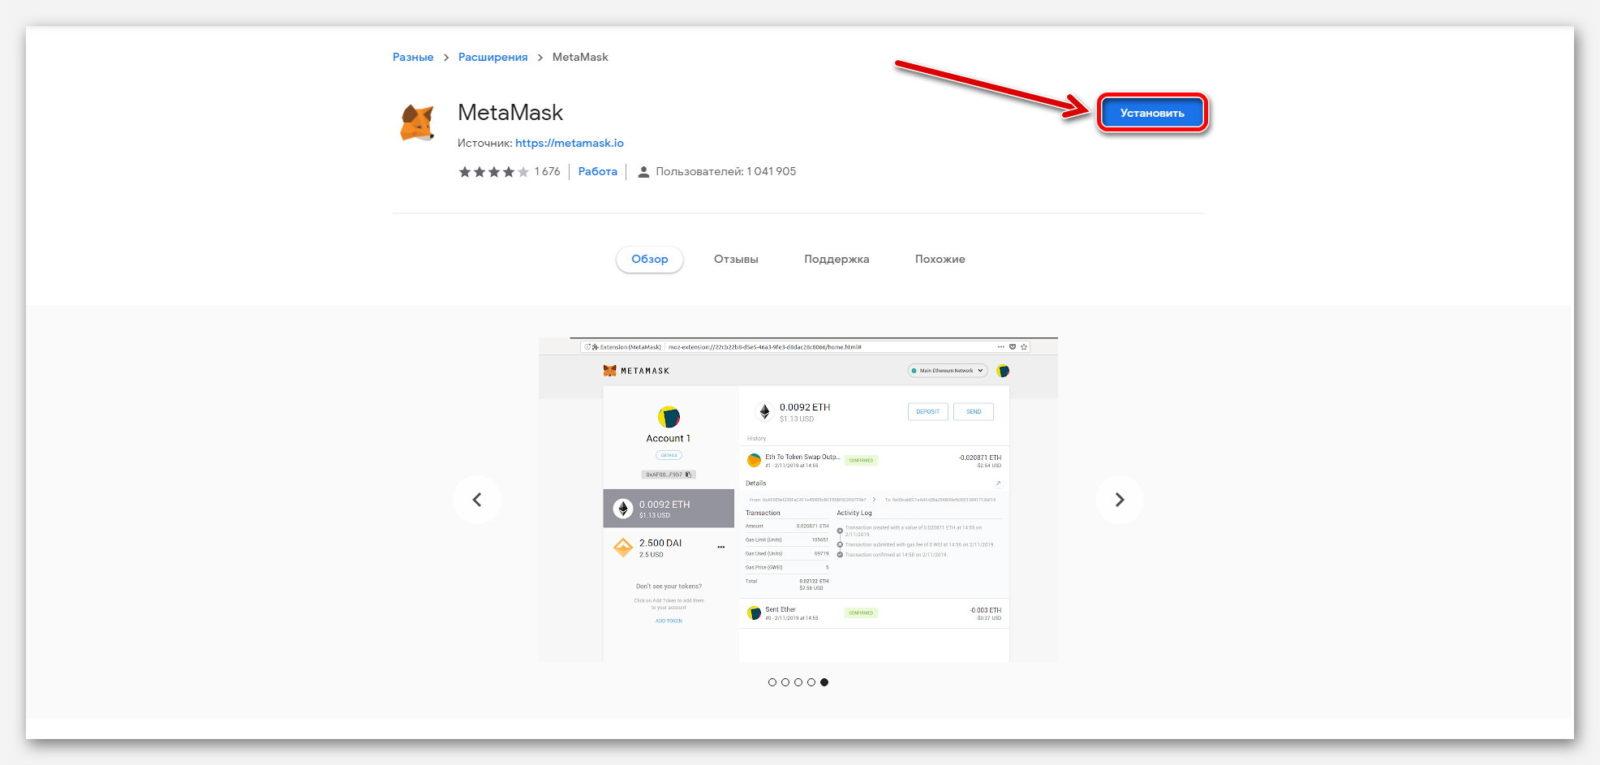 Ethereum кошелёк MetaMask в магазине Google